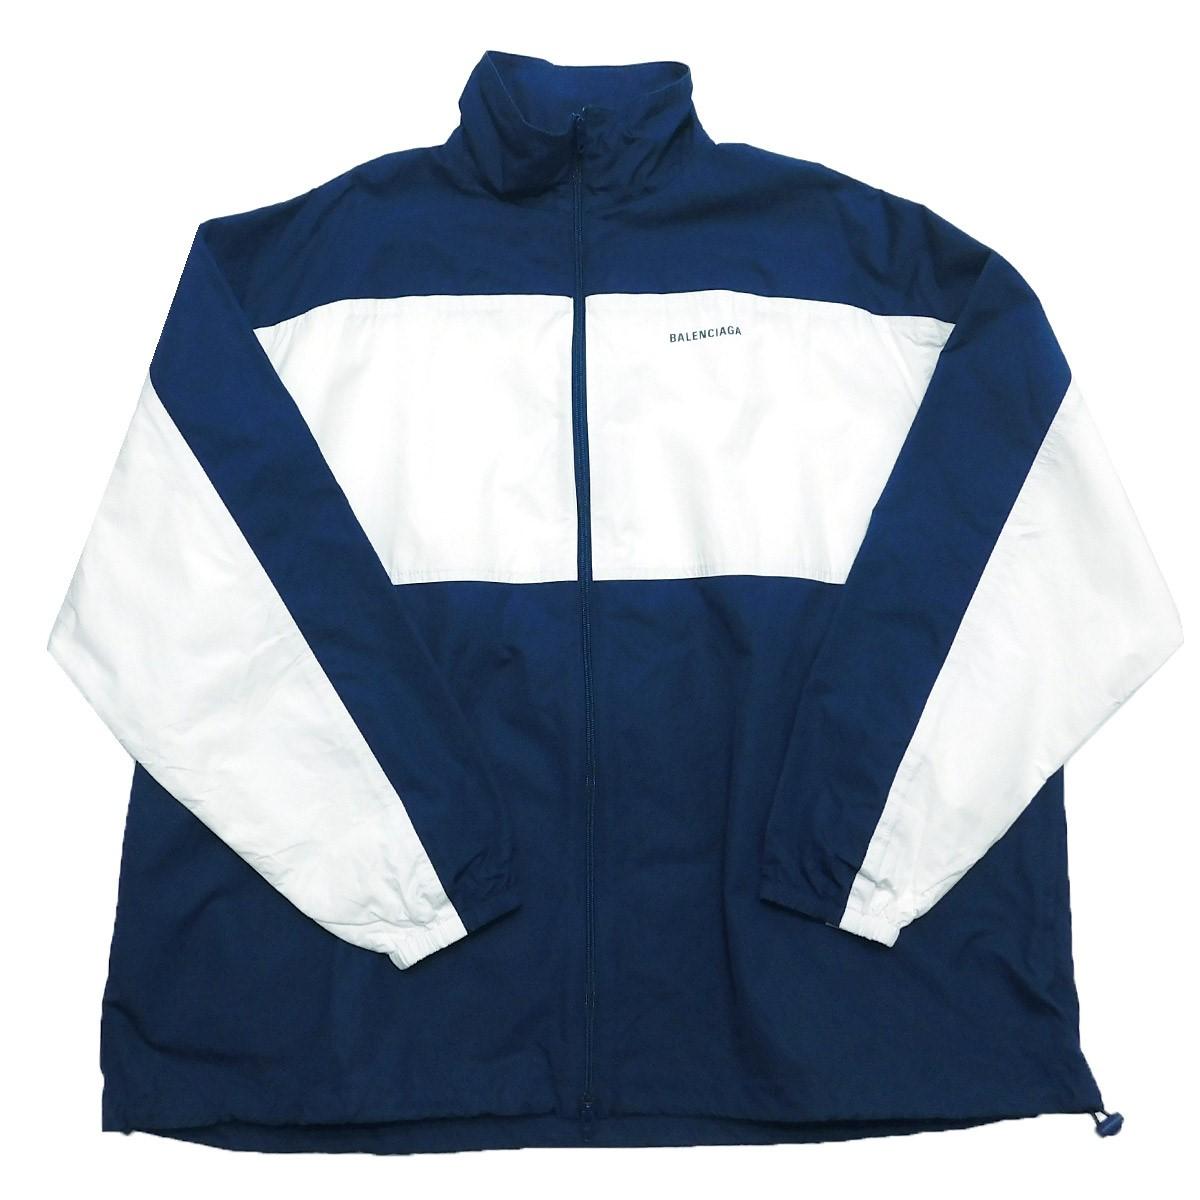 【中古】BALENCIAGA 2020SS ポプリンジャケット ジップアップトラックジャケット ネイビー サイズ:44 【250320】(バレンシアガ)